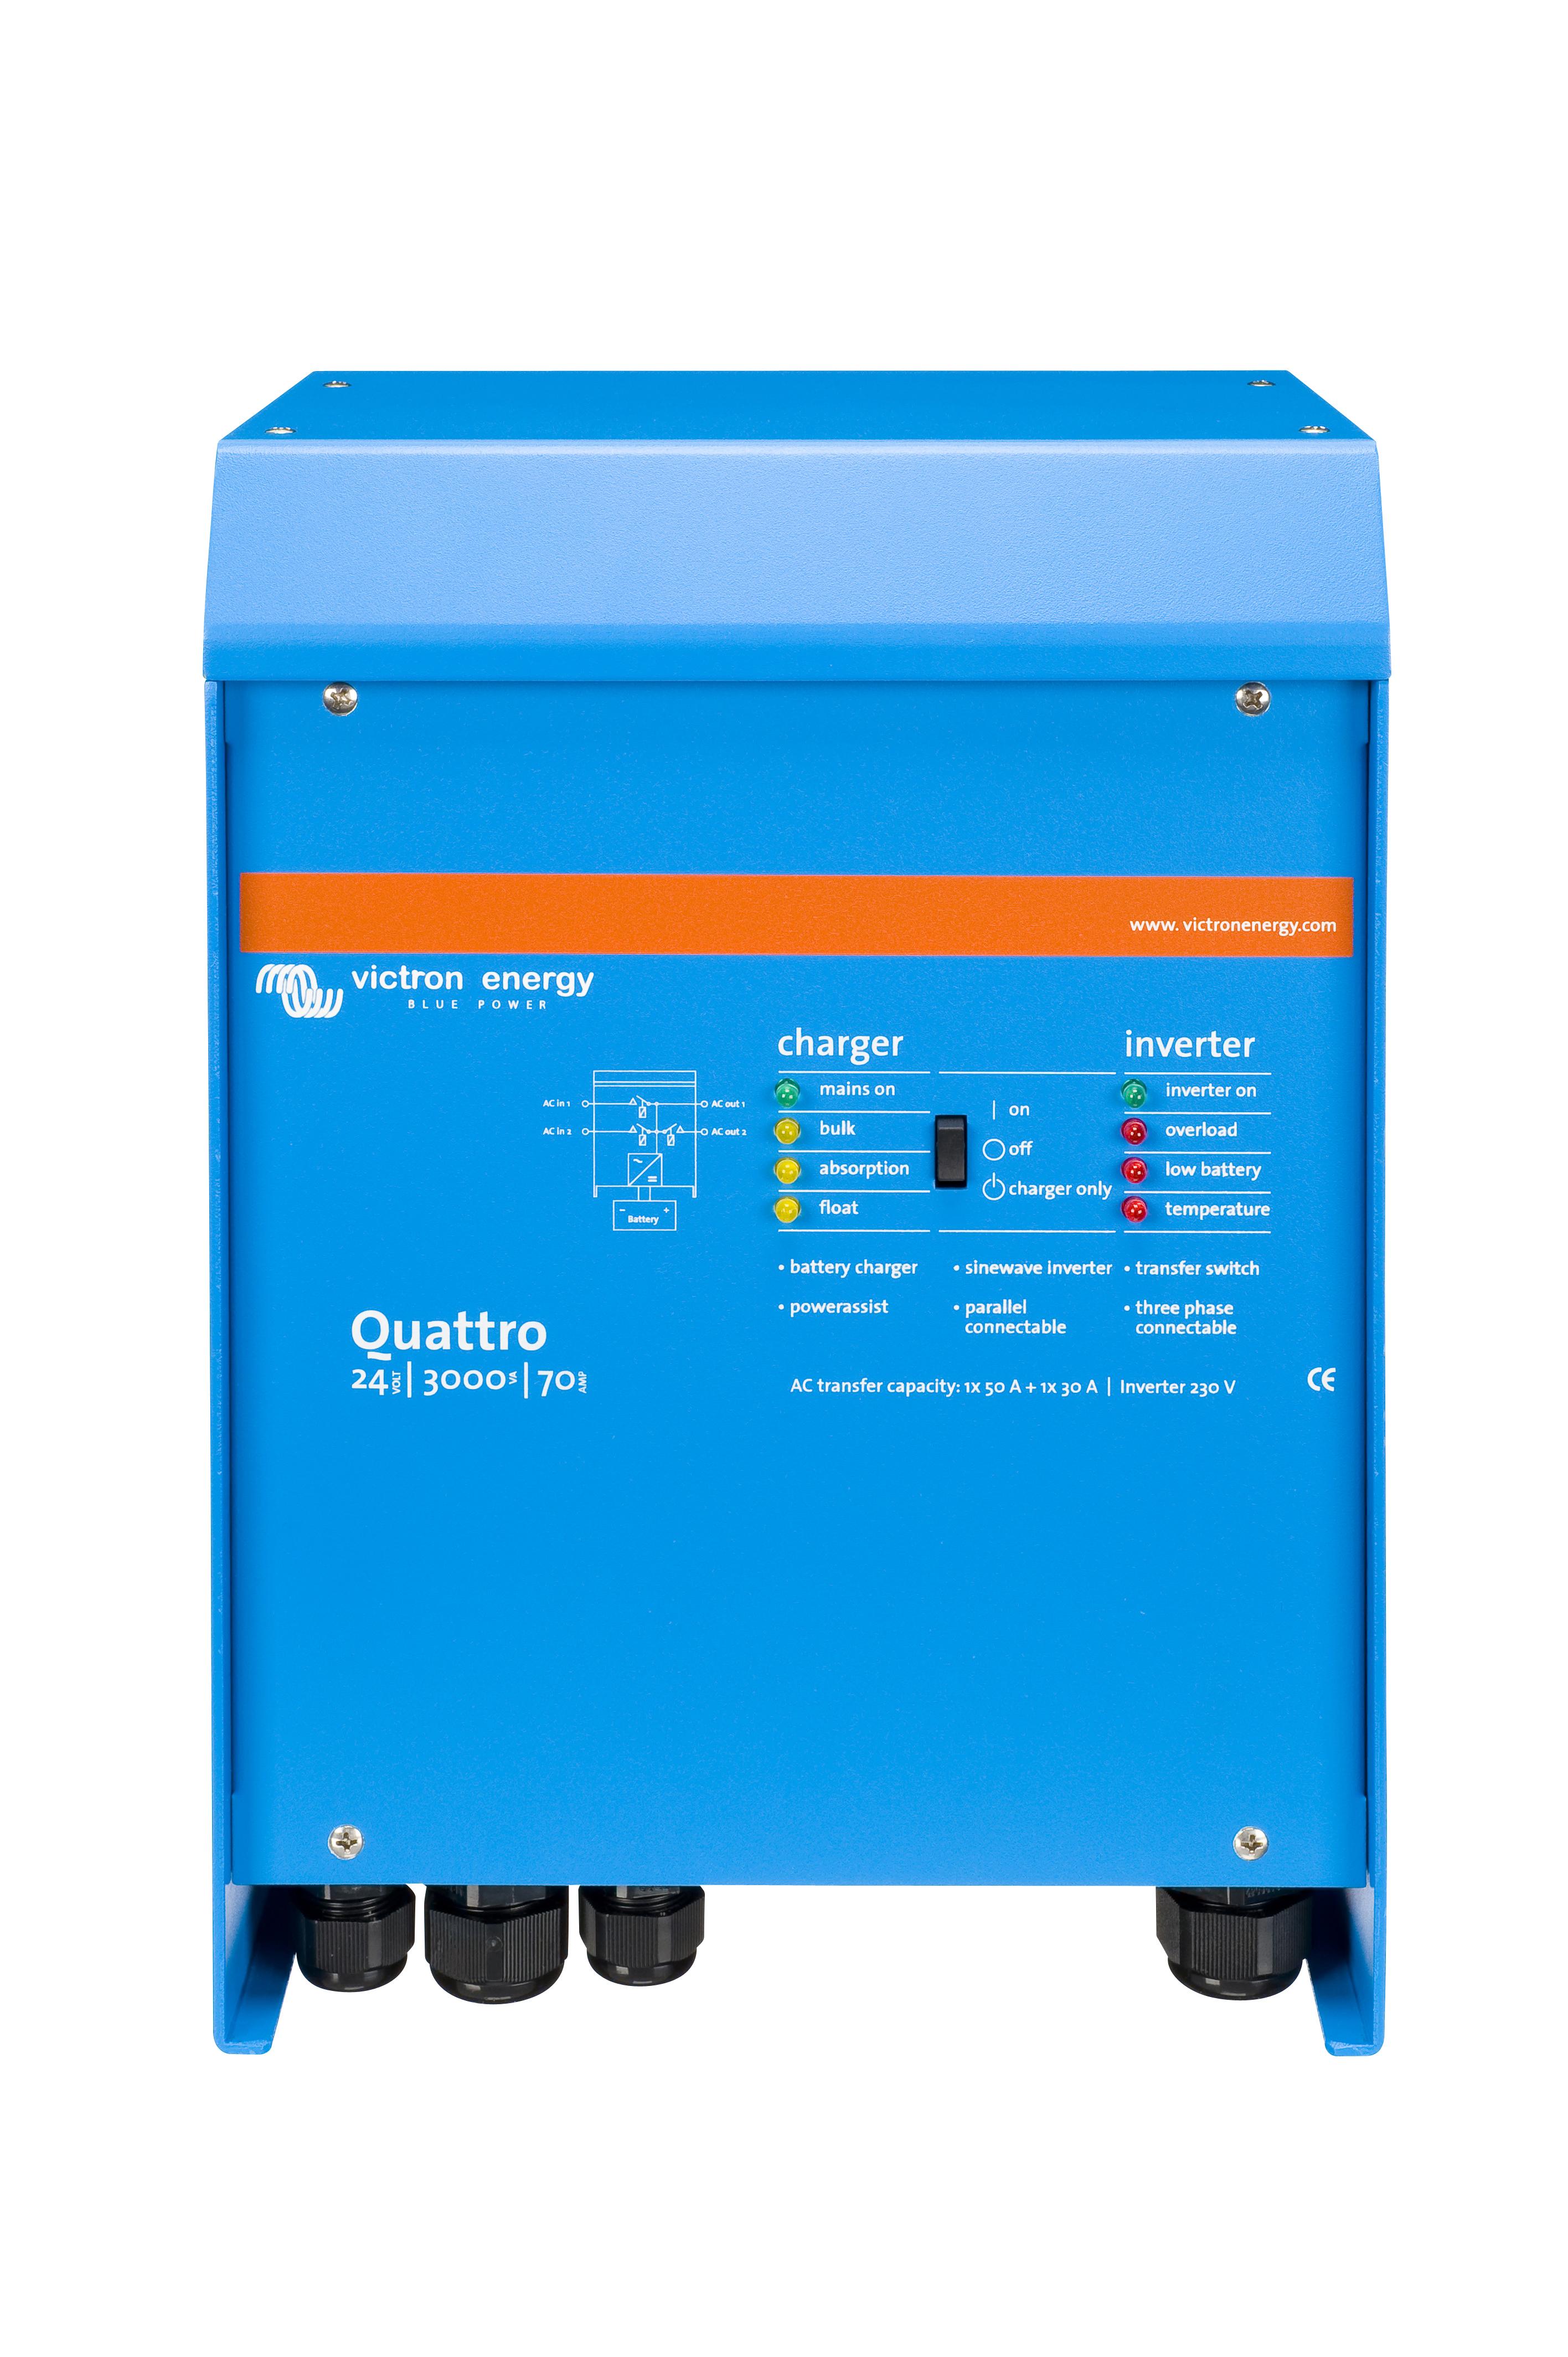 1 Stk Quattro48/10kW/140-100/100 48Vdc/10kW Netz/Gen.anschluss PVBQ1048--